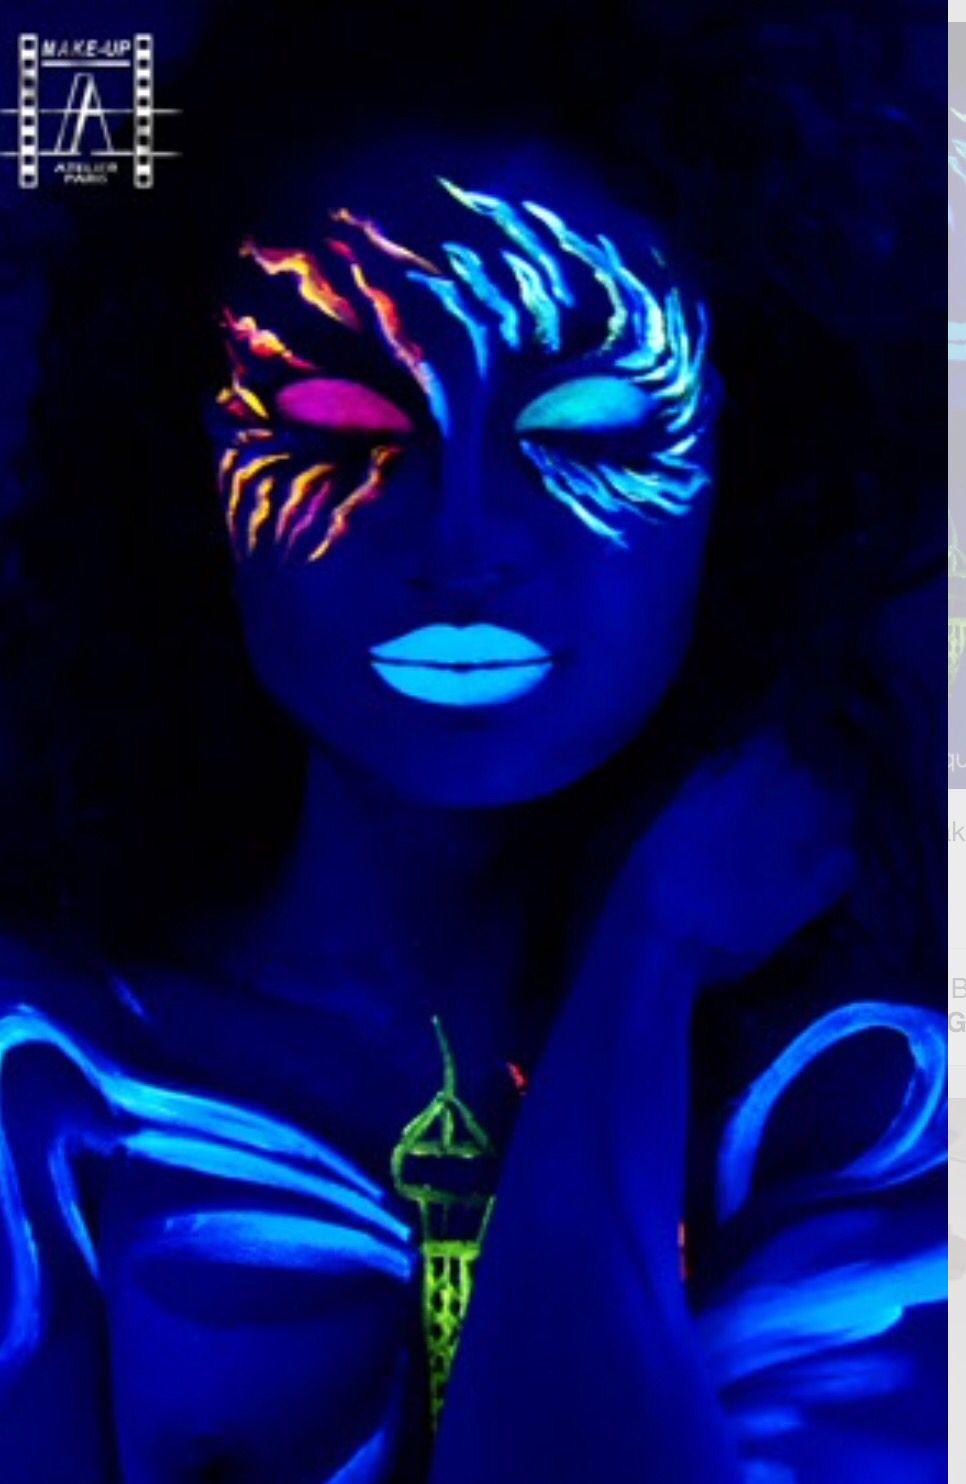 Glow in the dark makeup | Neon face paint, Uv makeup, Dark ...